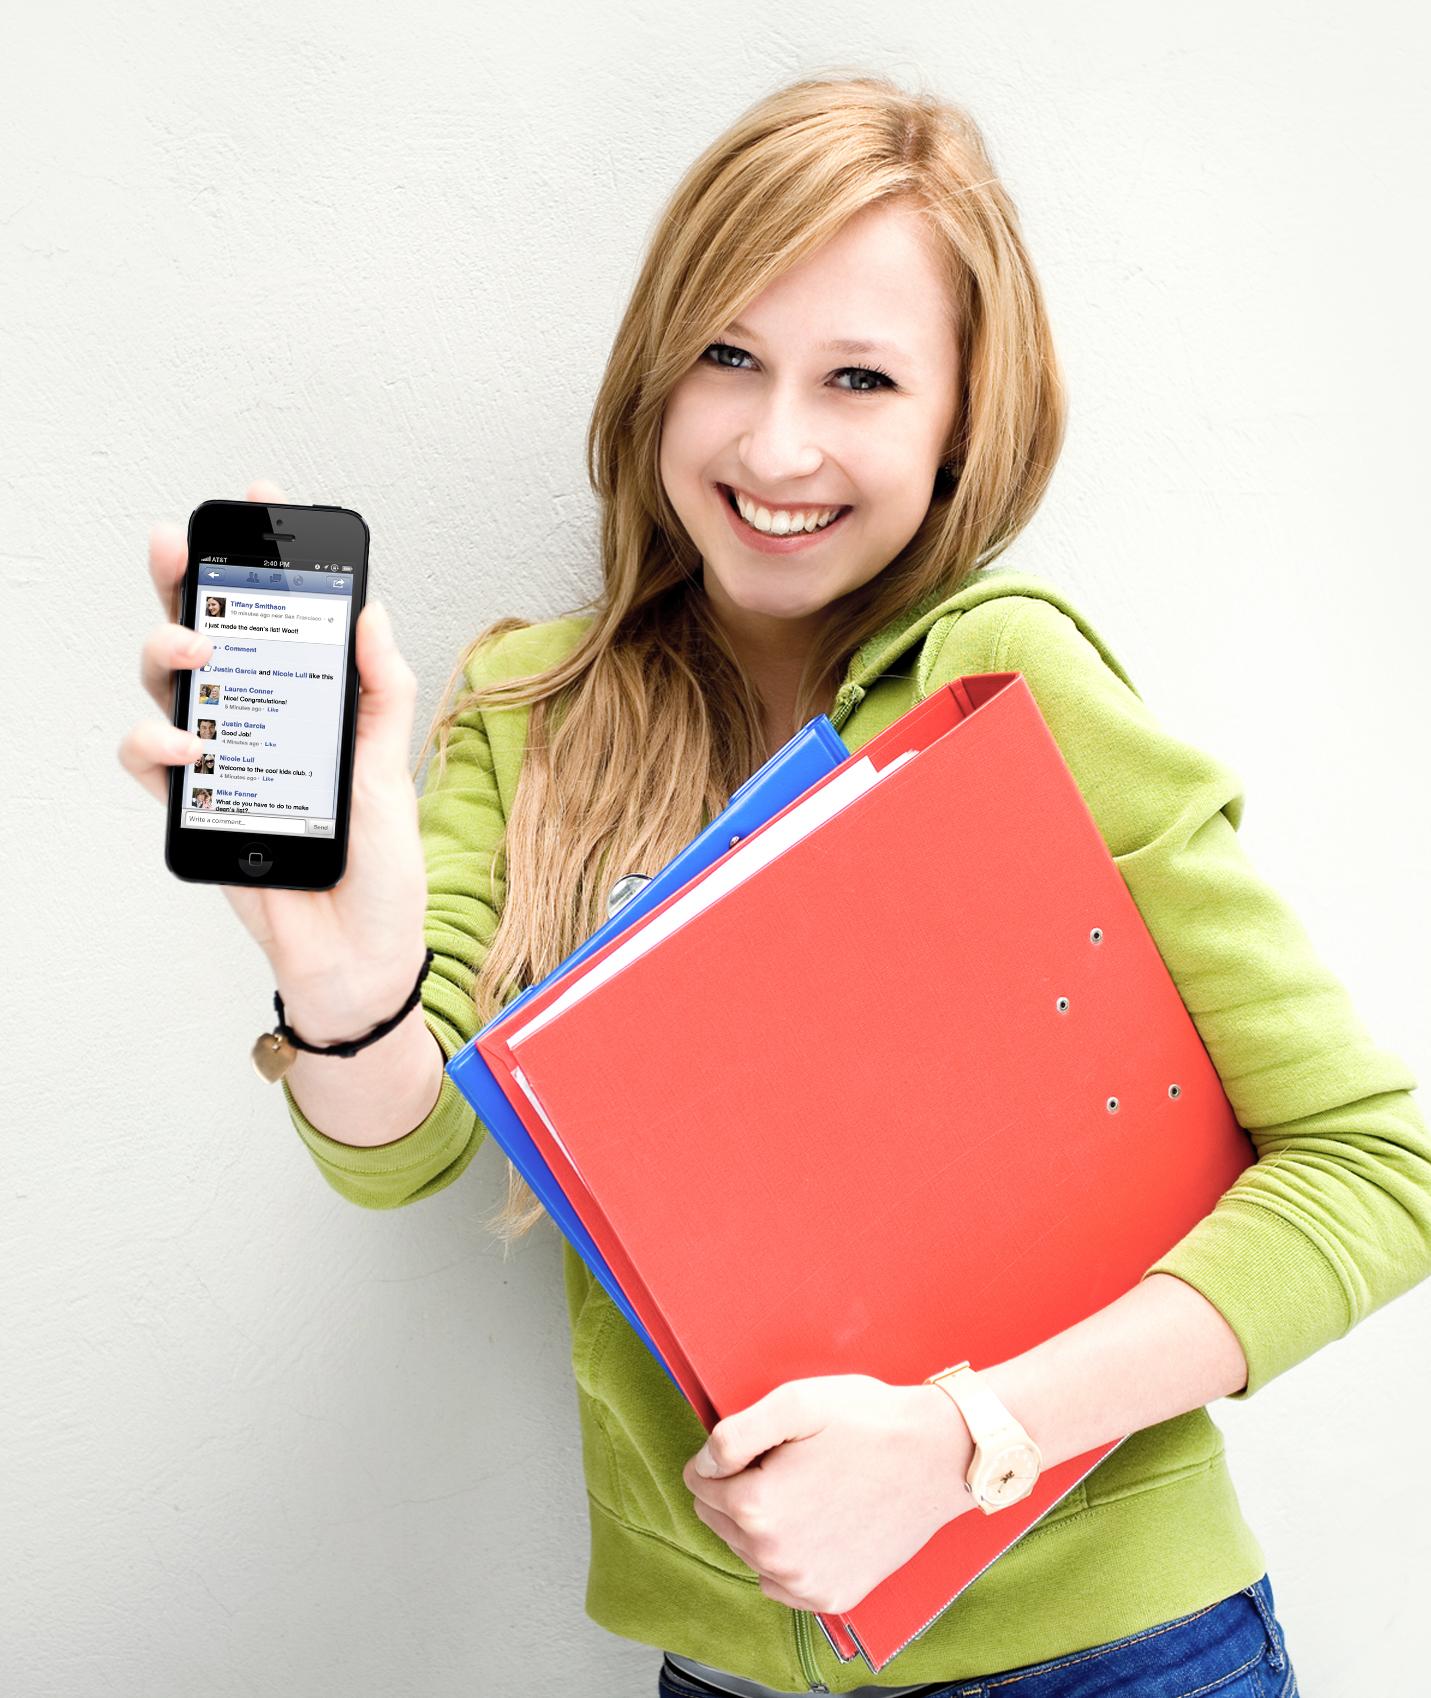 Kết quả hình ảnh cho student with smartphone